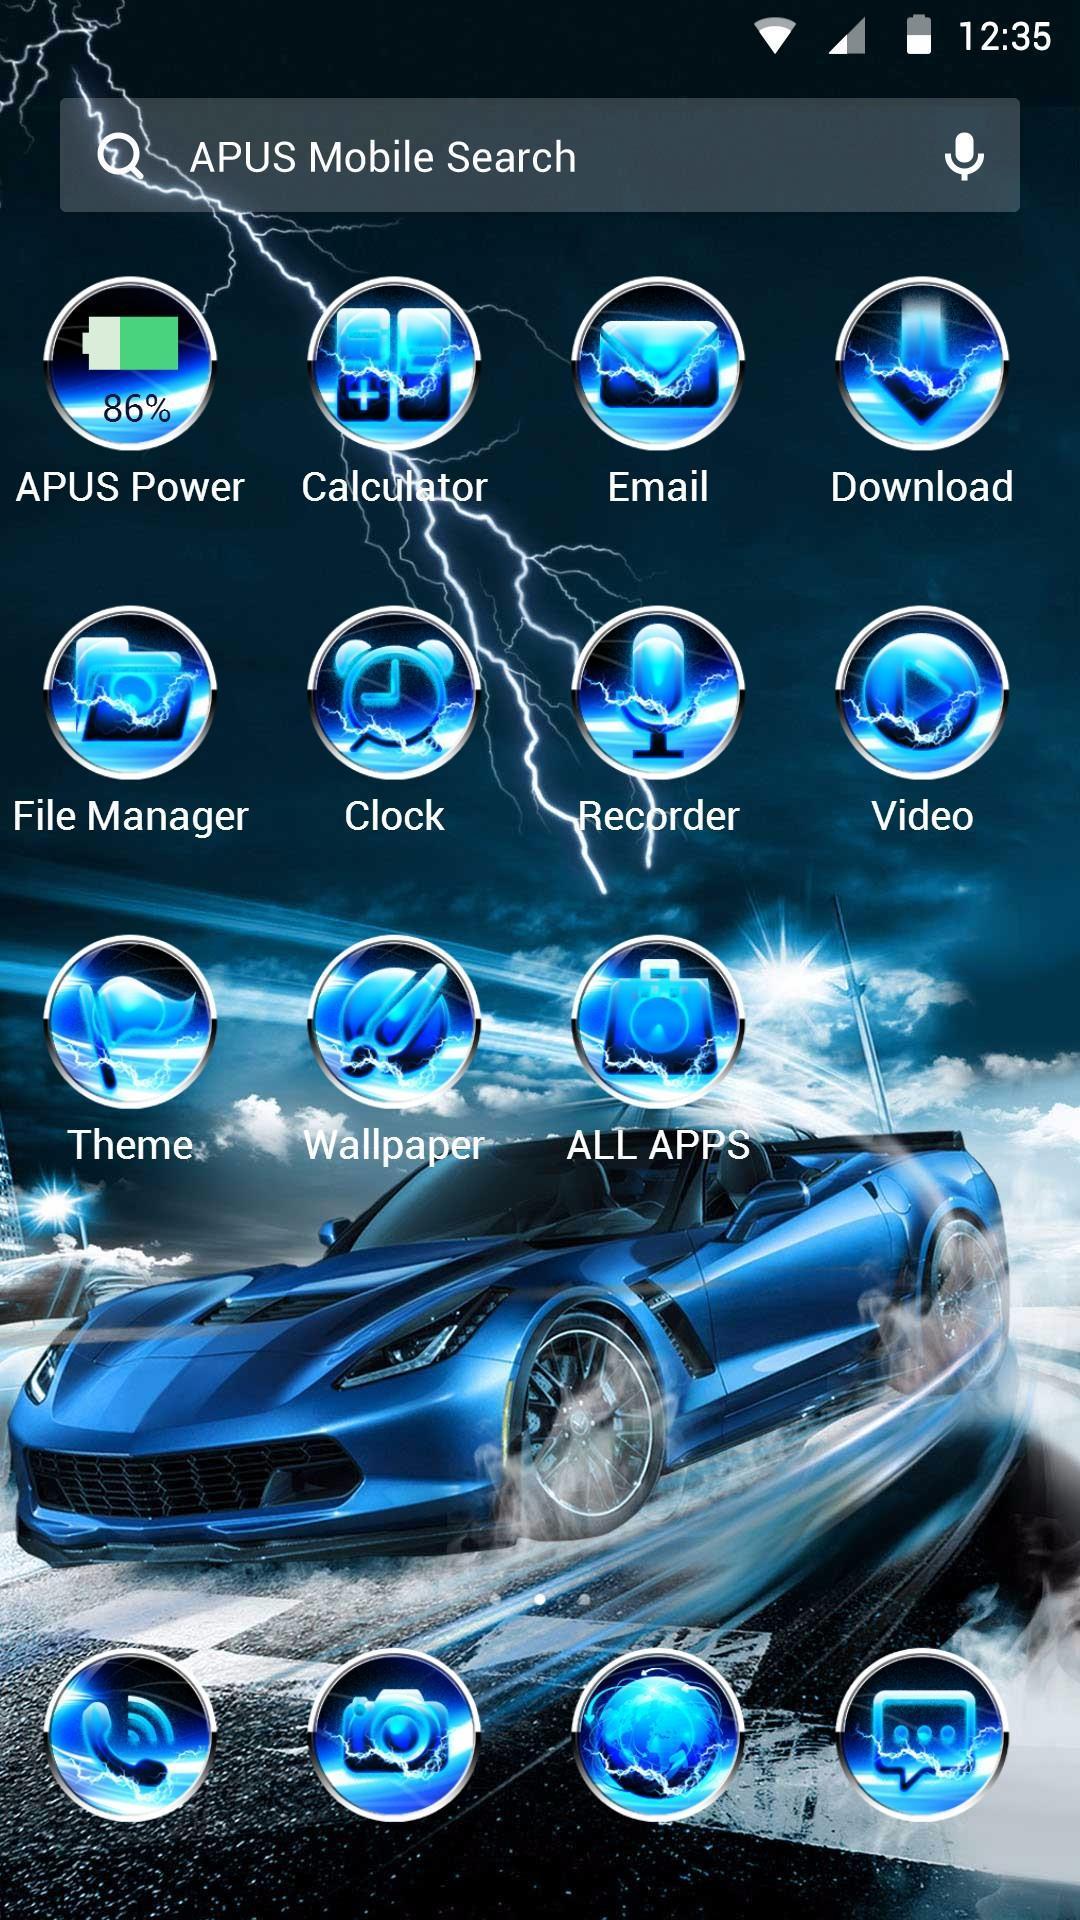 Android 用の 青い稲妻涼しく車でテーマ 壁紙 Apk をダウンロード